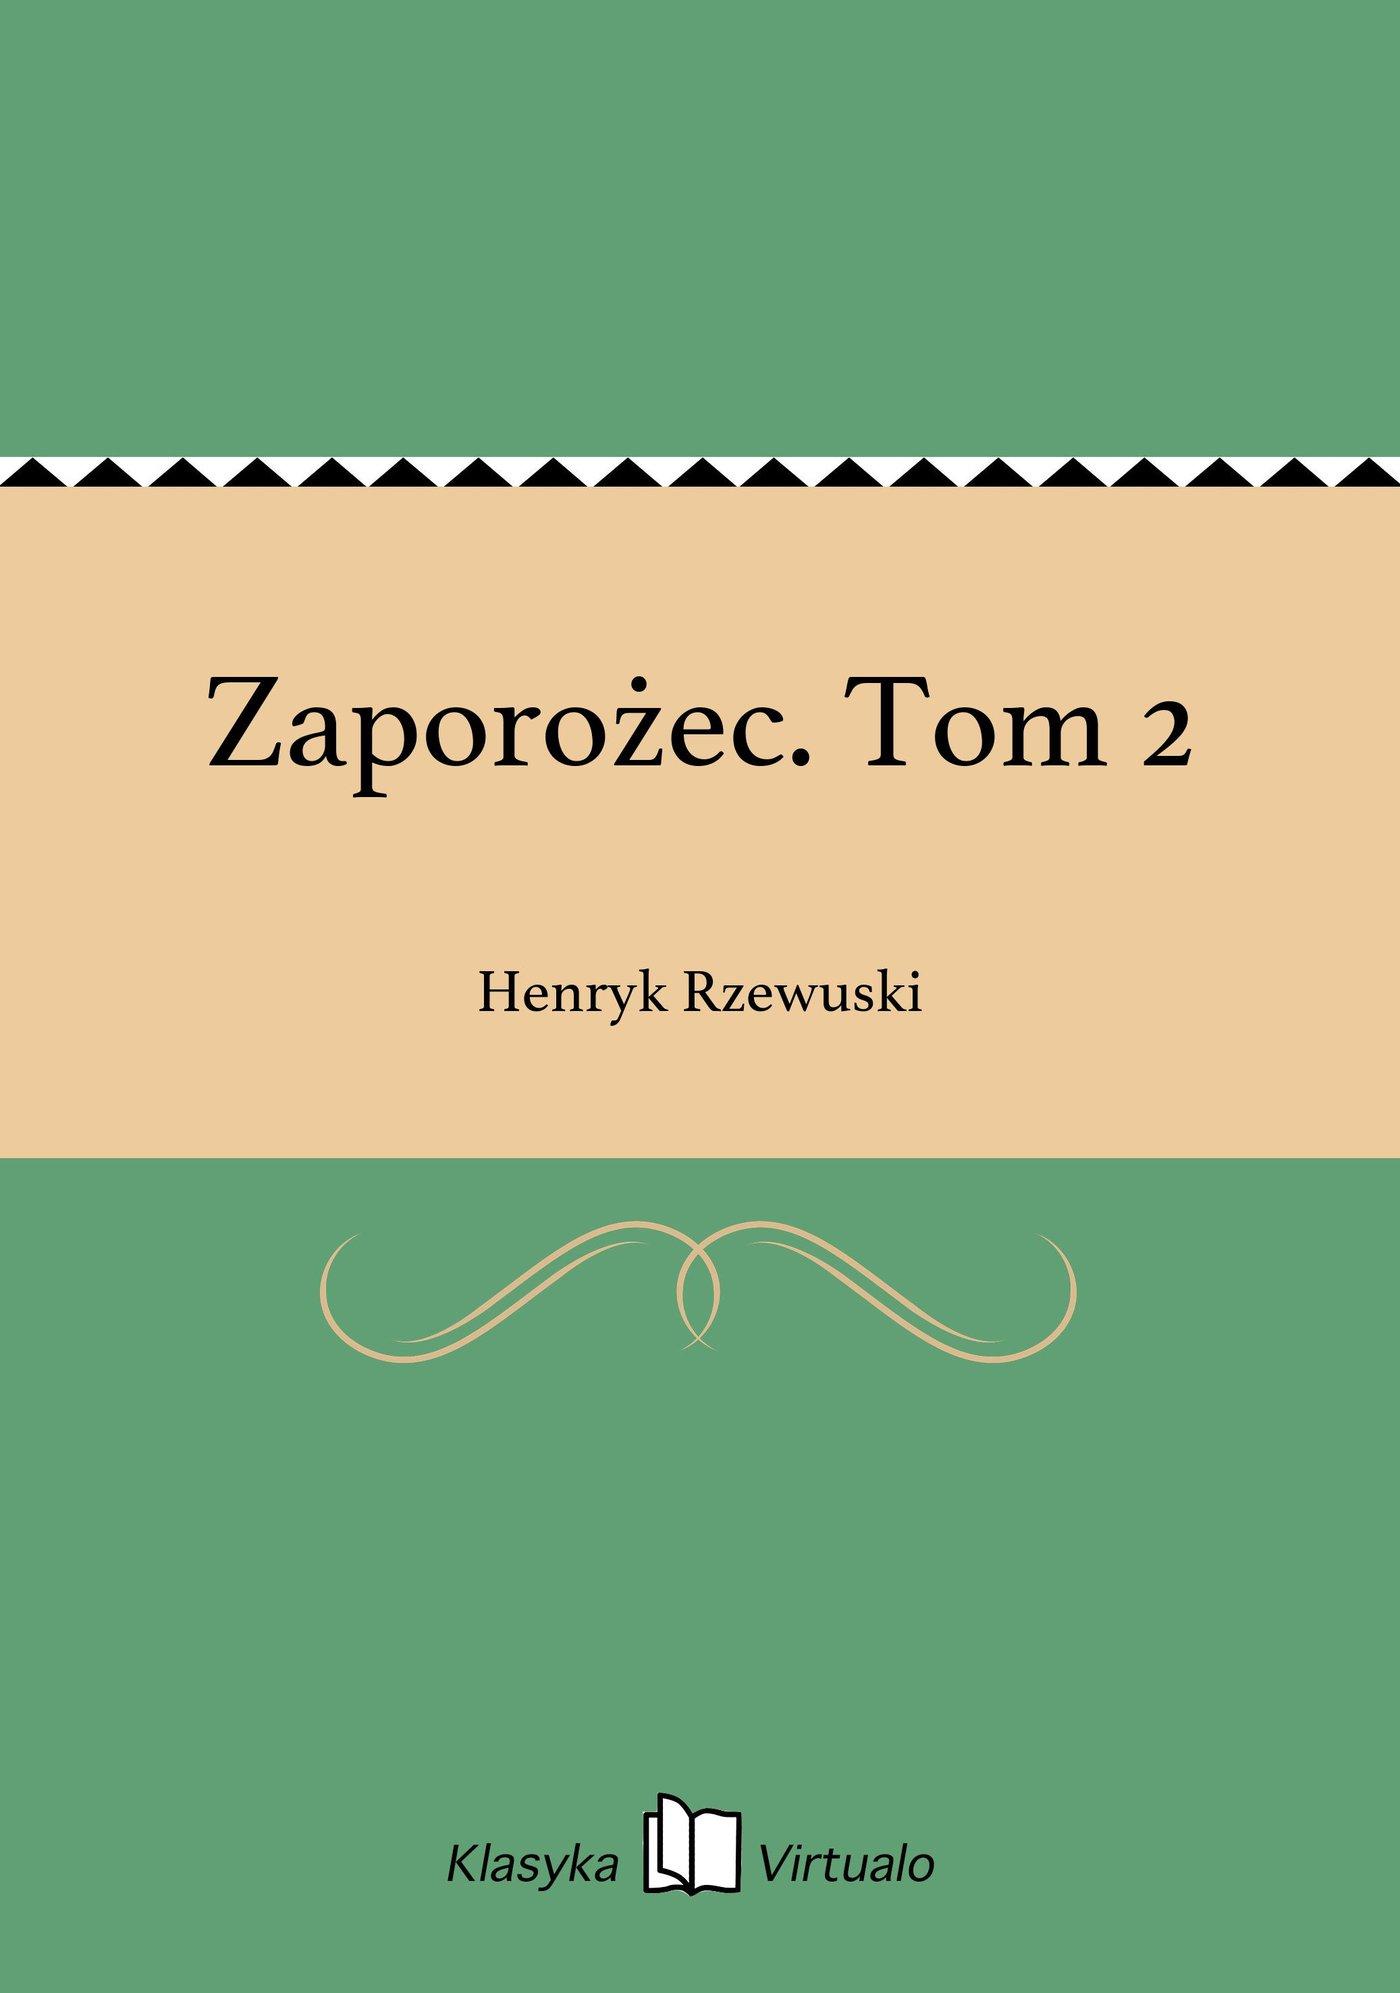 Zaporożec. Tom 2 - Ebook (Książka na Kindle) do pobrania w formacie MOBI